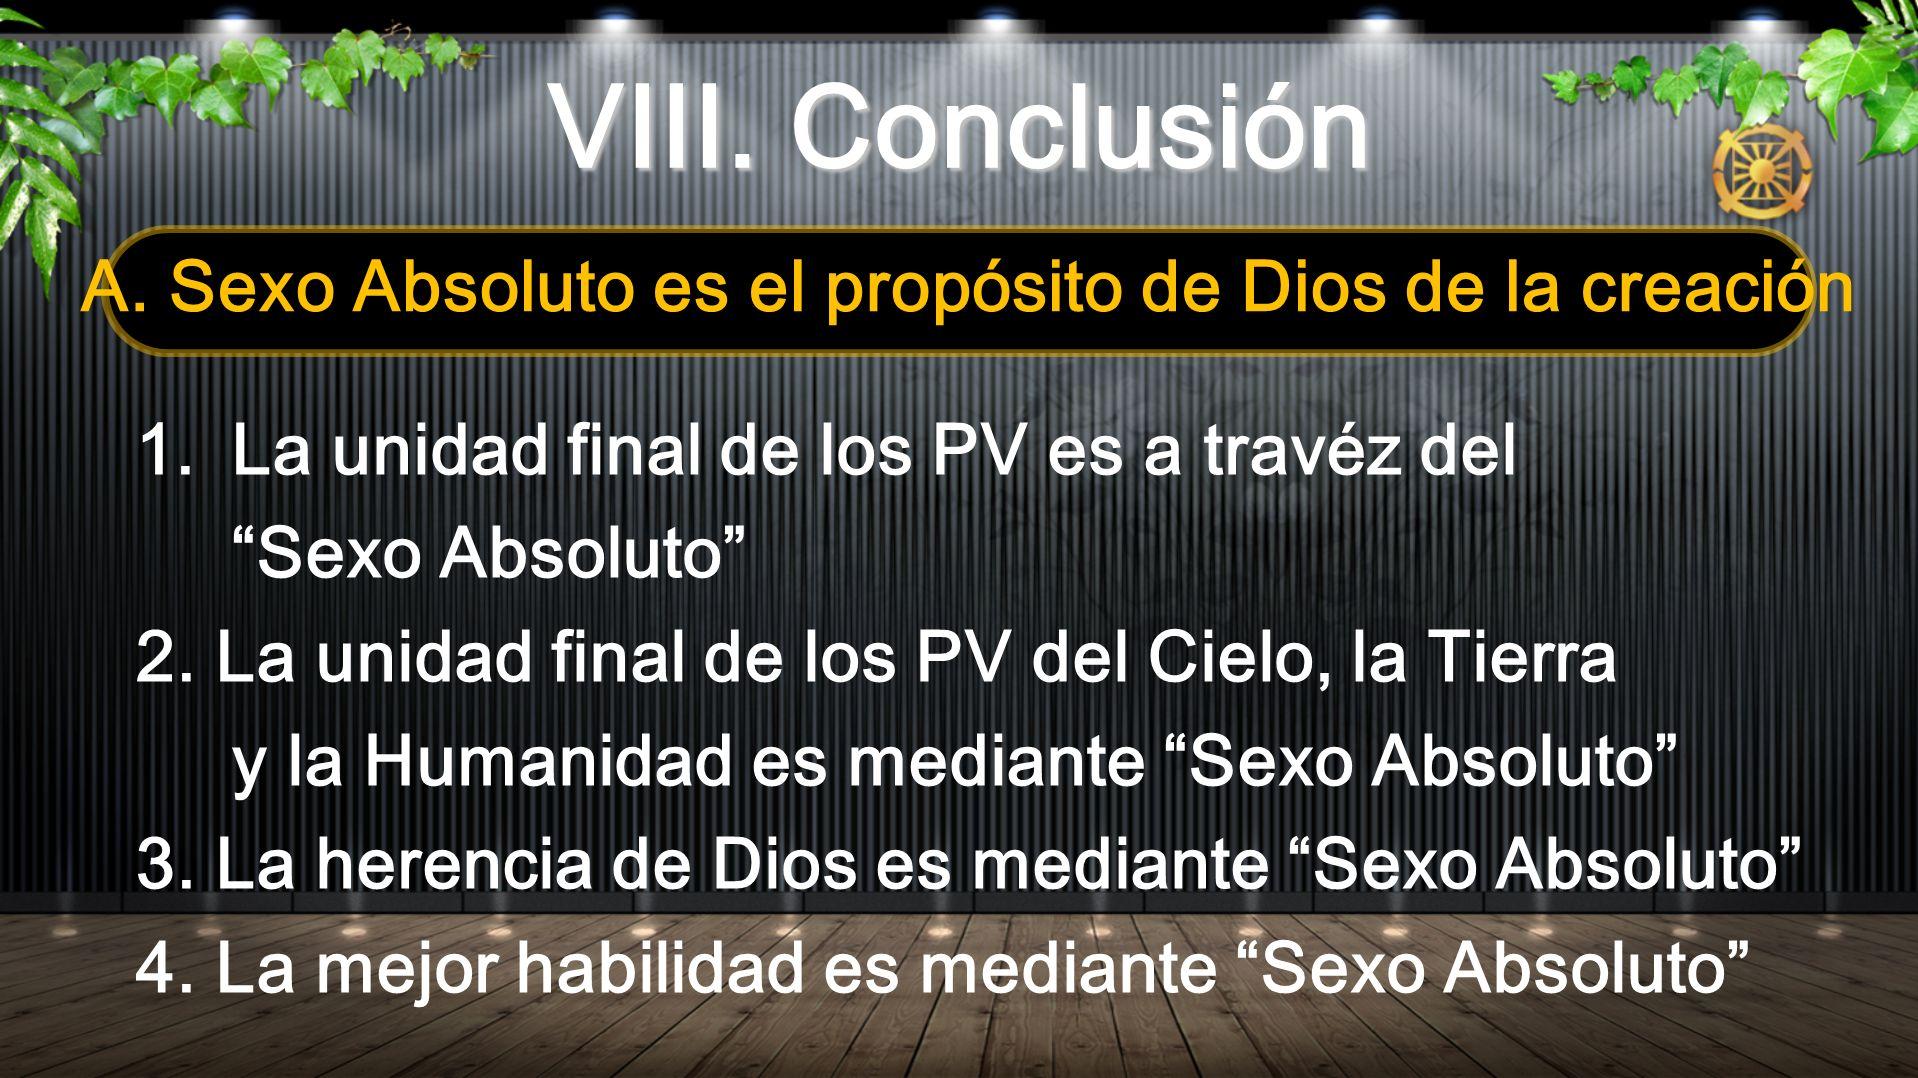 VIII. Conclusión A. Sexo Absoluto es el propósito de Dios de la creación 1.La unidad final de los PV es a travéz del Sexo Absoluto 2. La unidad final